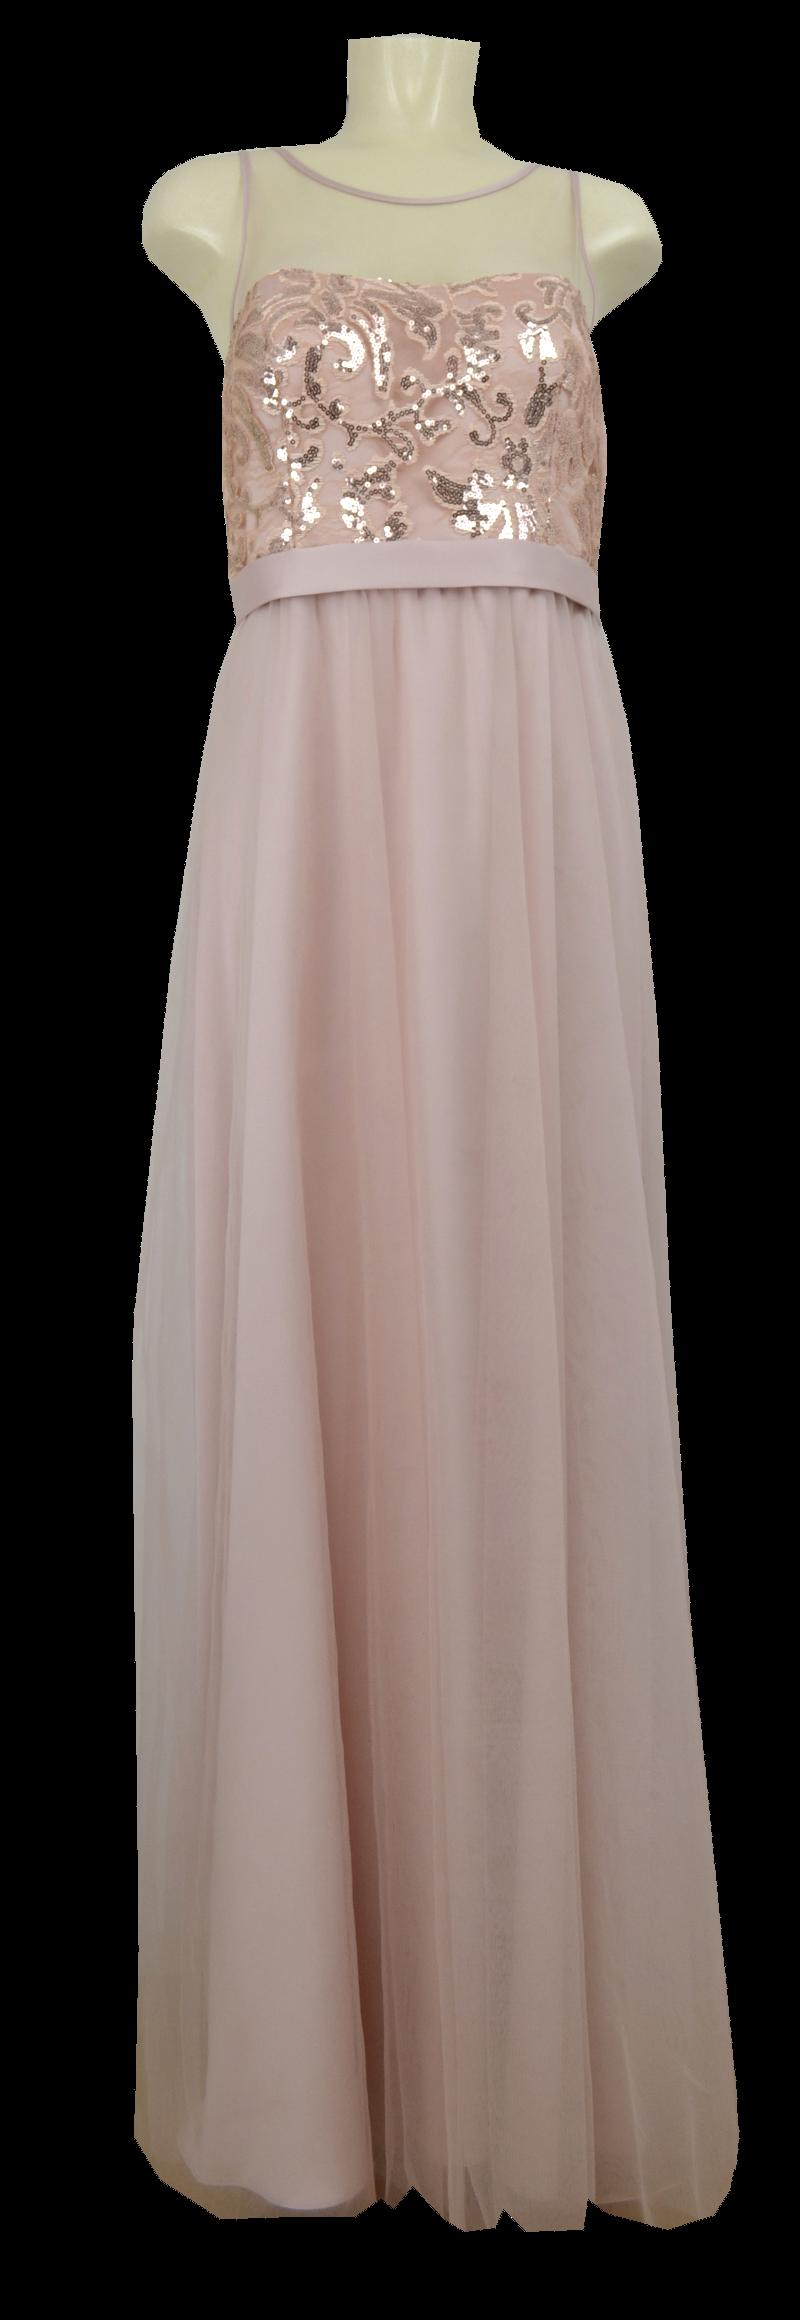 Langes Abendkleid in rose beige